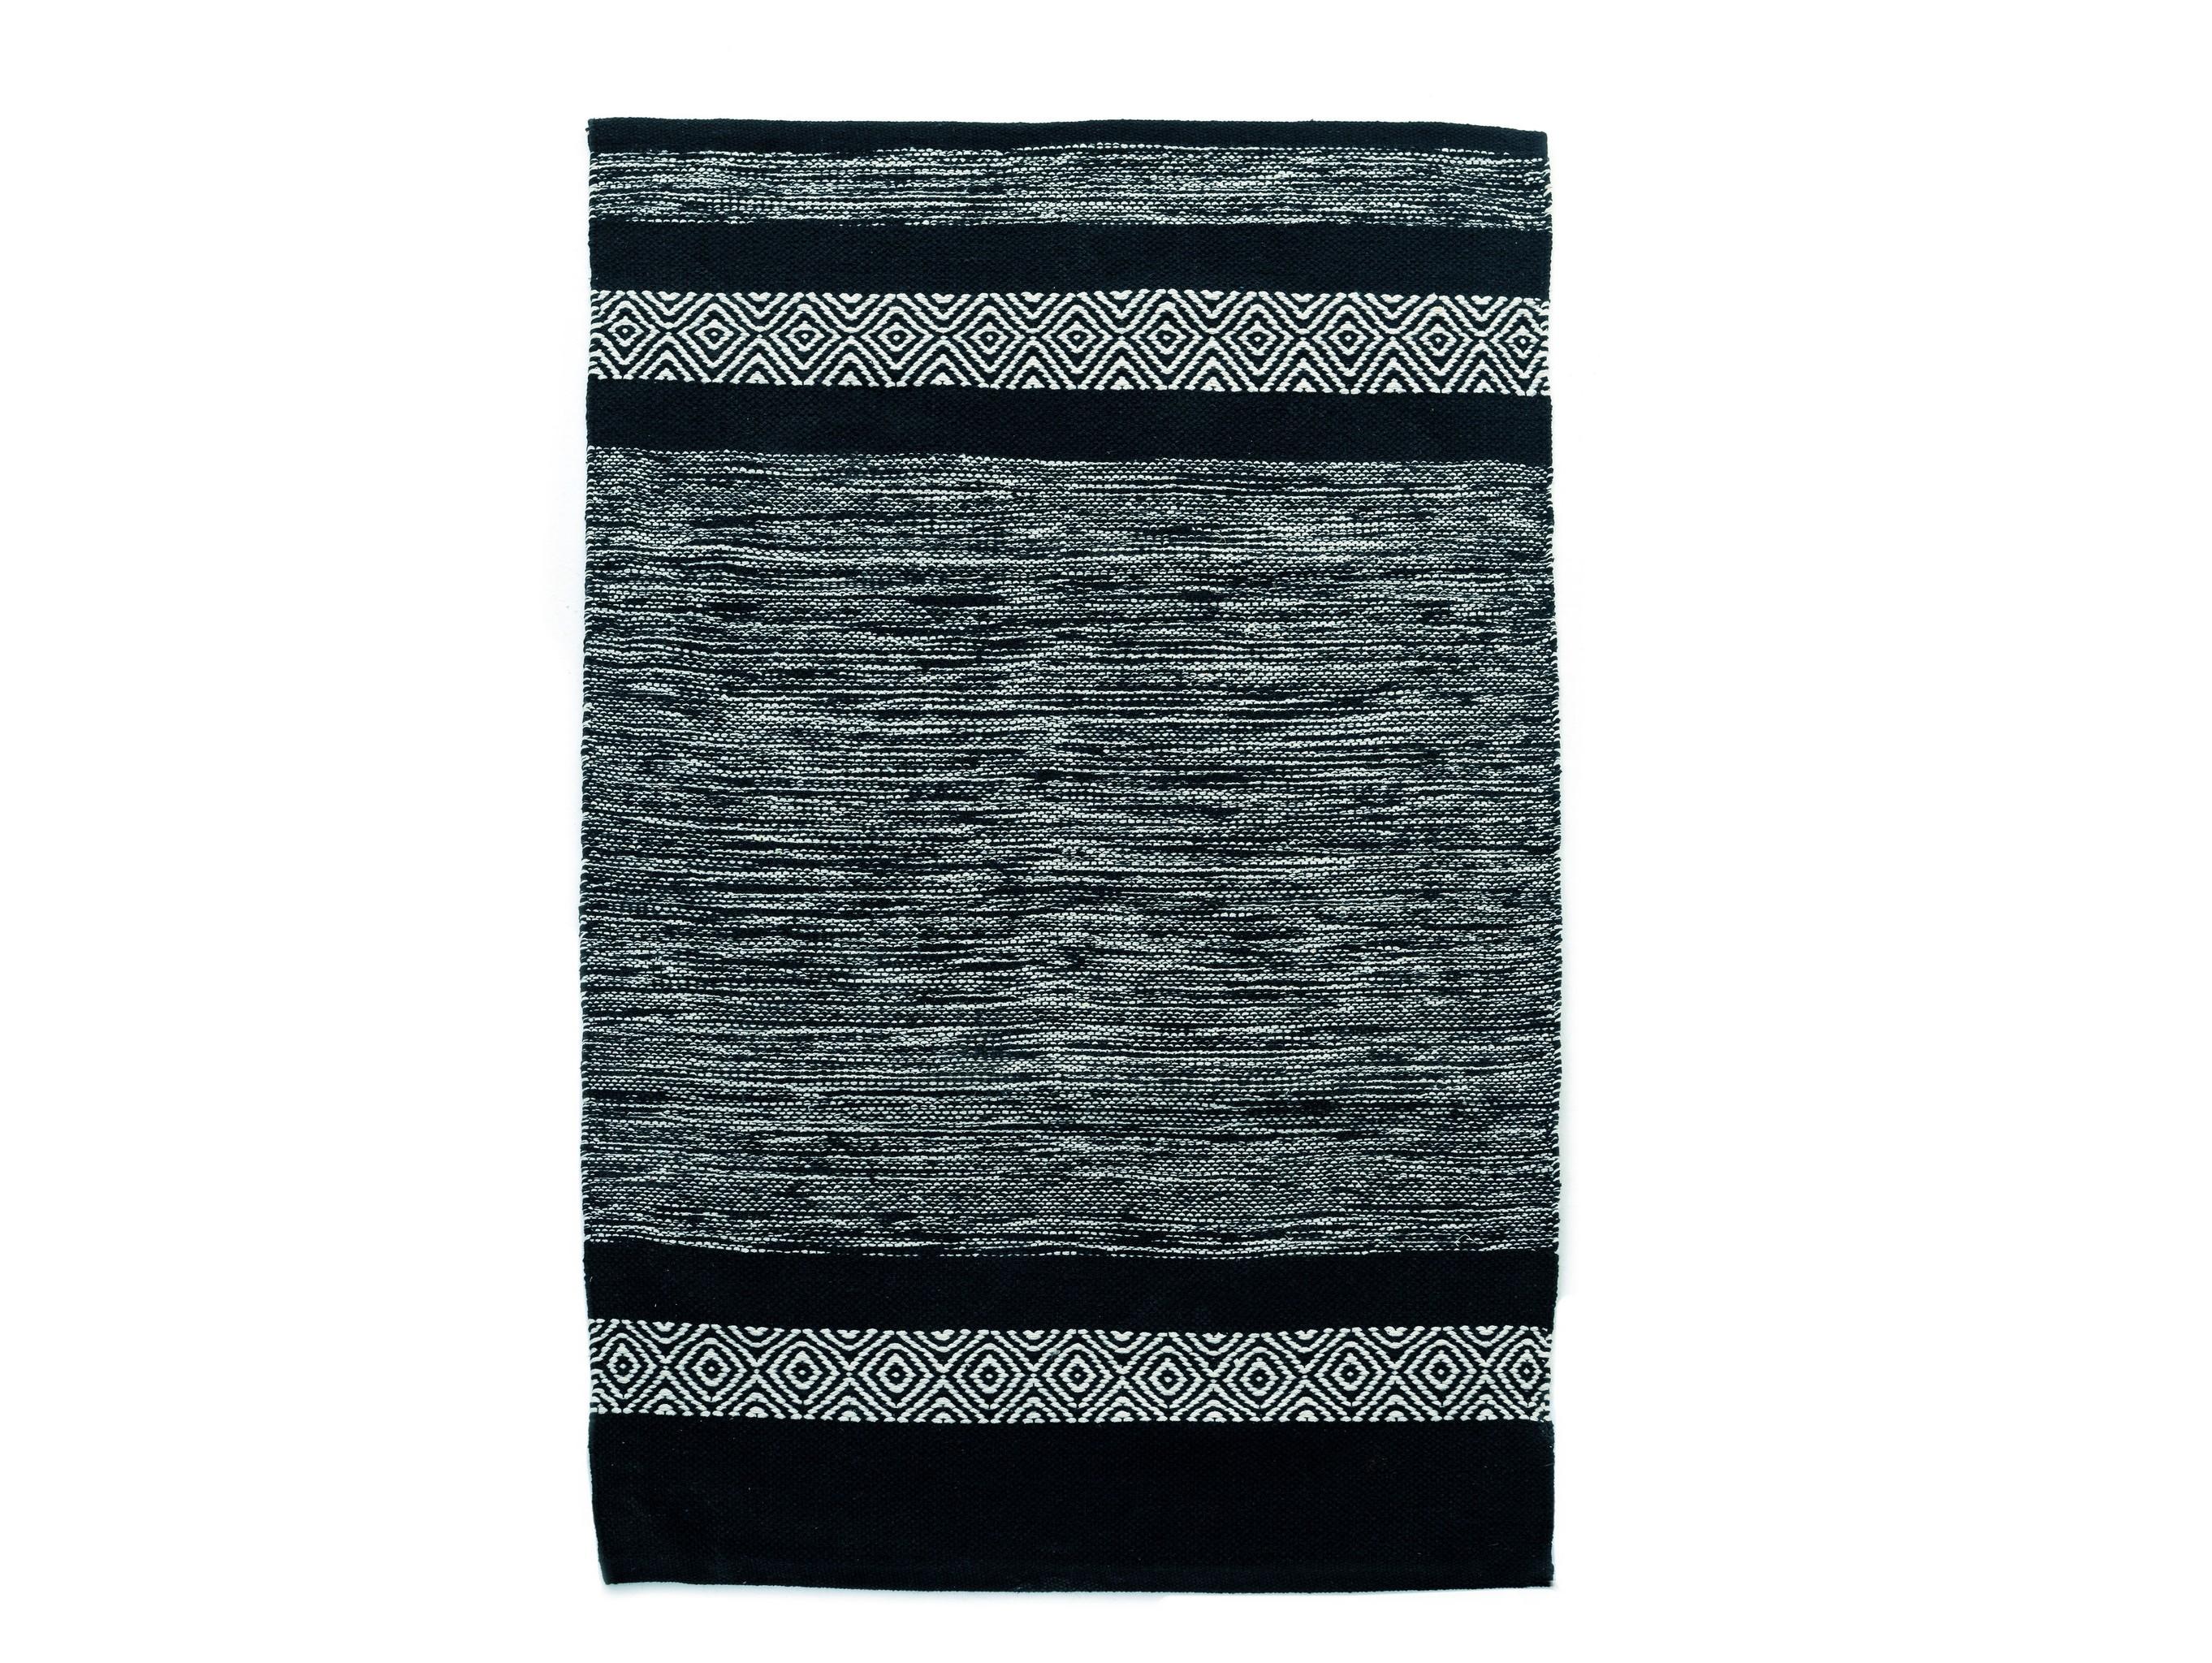 Ковер LeahПрямоугольные ковры<br><br><br>Material: Текстиль<br>Ширина см: 70<br>Высота см: 1<br>Глубина см: 100